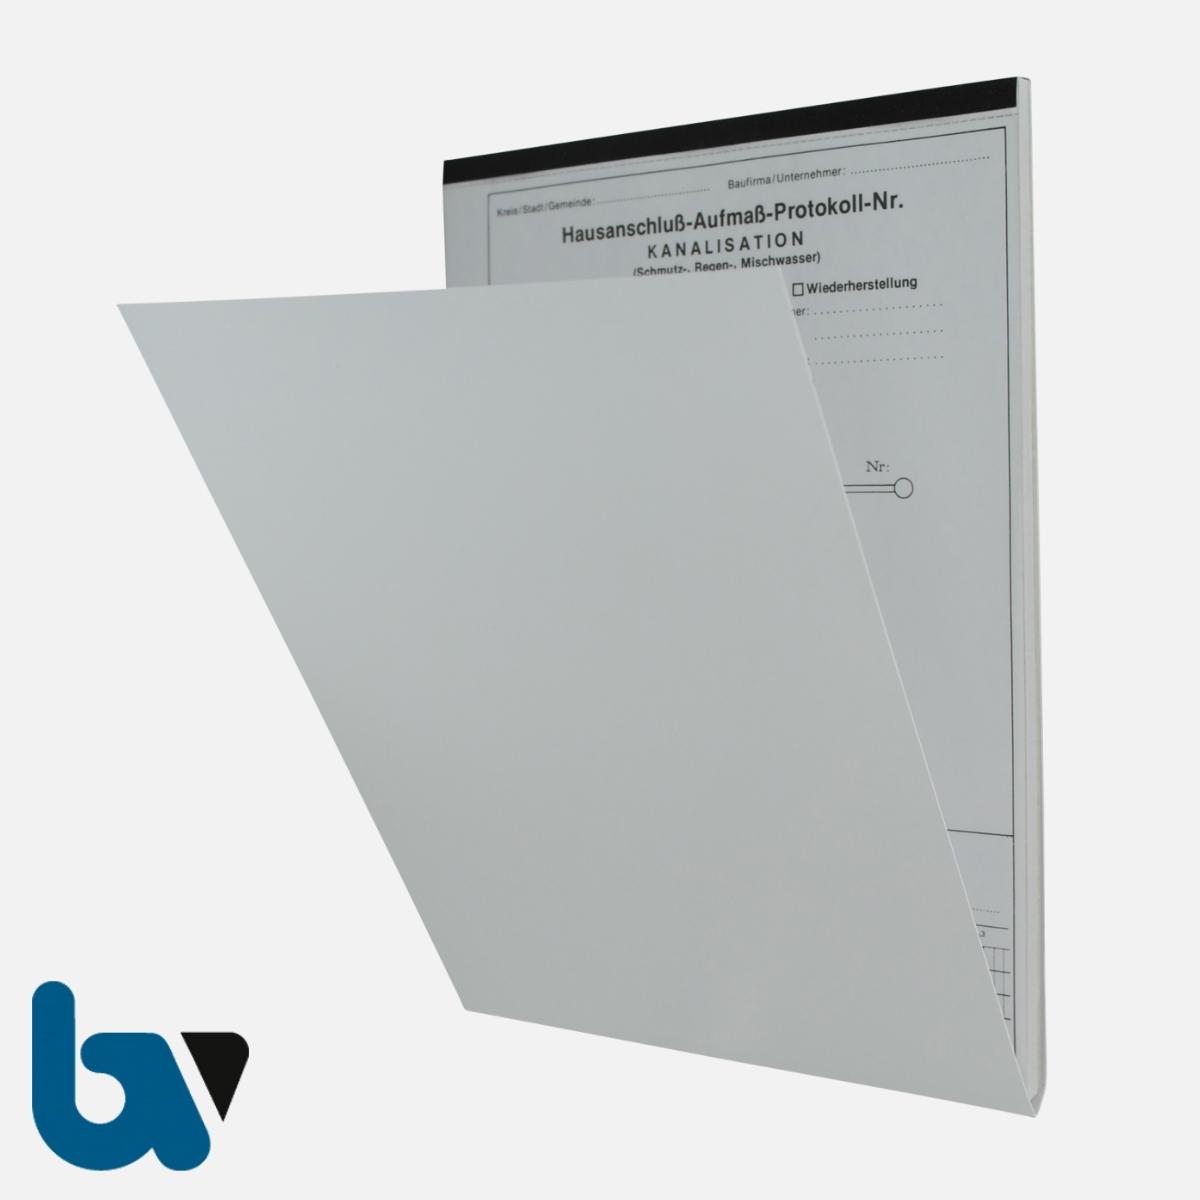 0/763-2 Aufmassprotokoll Hausanschluss Kanal Abwasser selbstdurchschreibend Einschlagdeckel Durchschreibeschutz Schreibschutzdeckel perforiert DIN A4 Vorderseite | Borgard Verlag GmbH